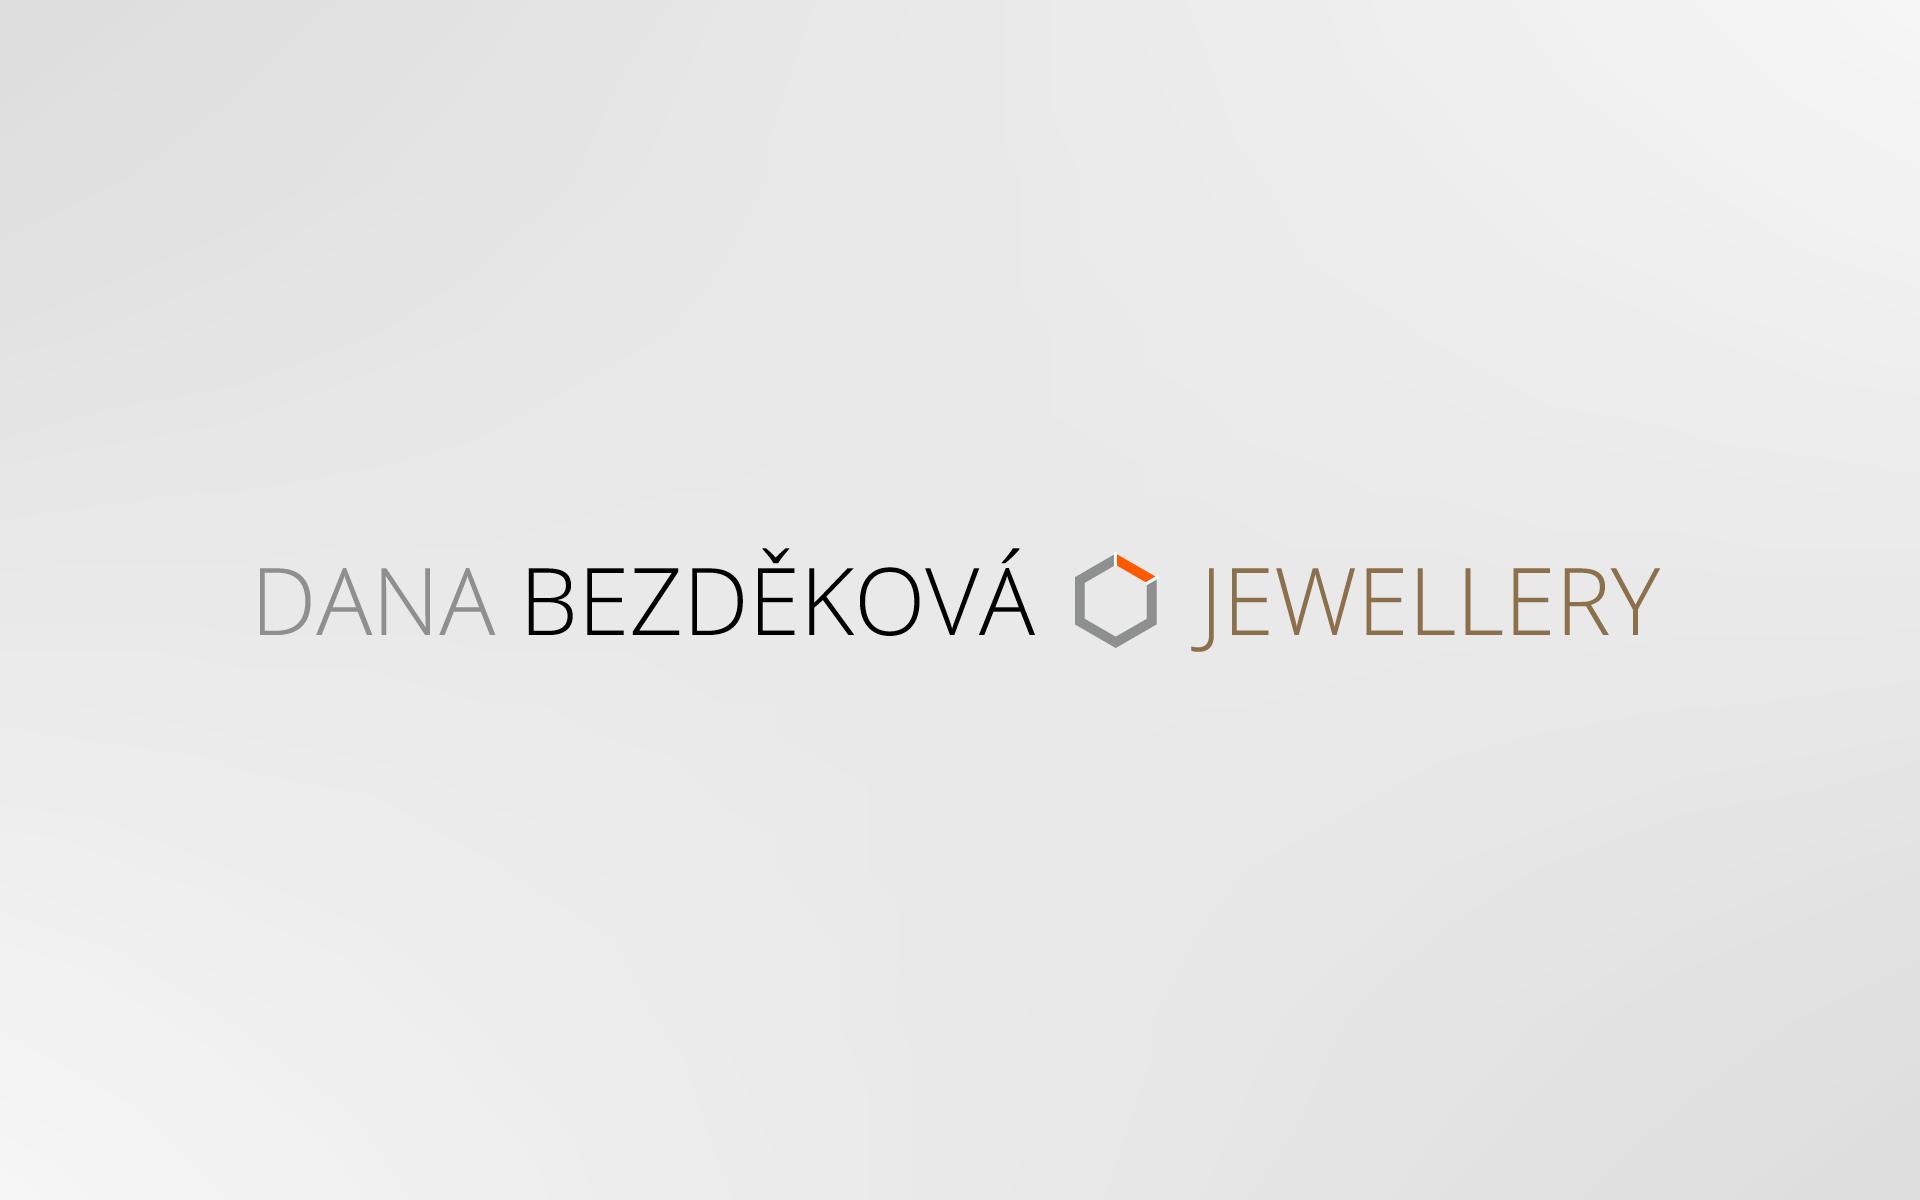 2014-Dana-Bezdekova-logo